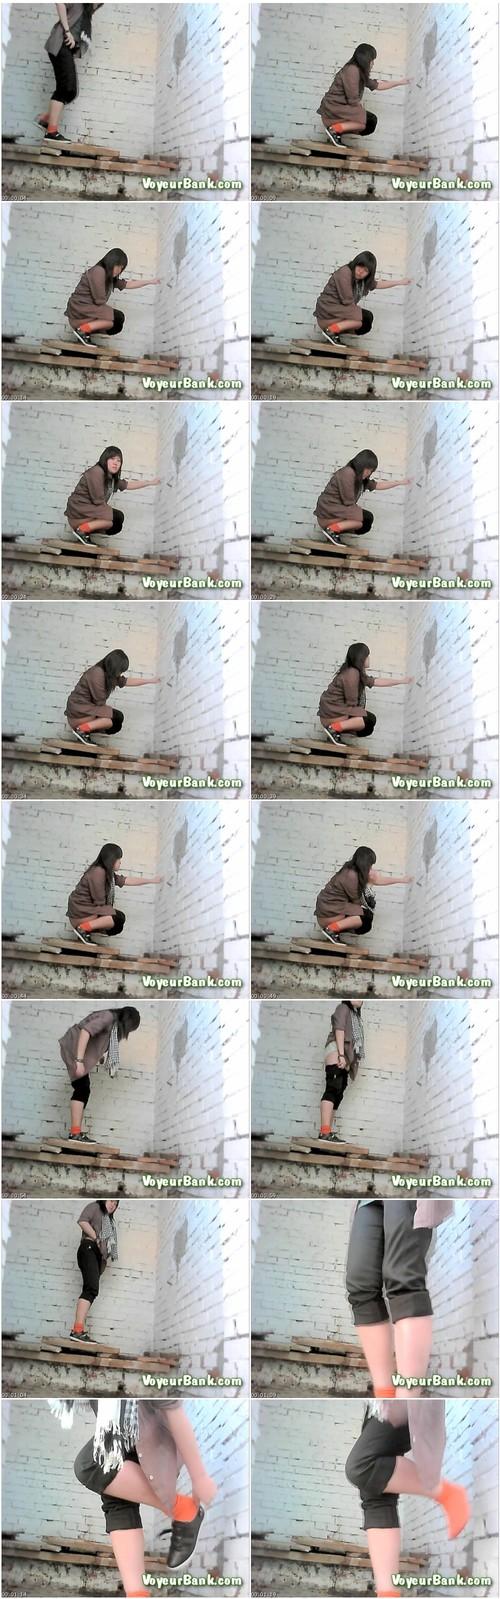 http://ist5-1.filesor.com/pimpandhost.com/9/6/8/3/96838/6/j/d/f/6jdfn/VoyeurBank0418_thumb_m.jpg